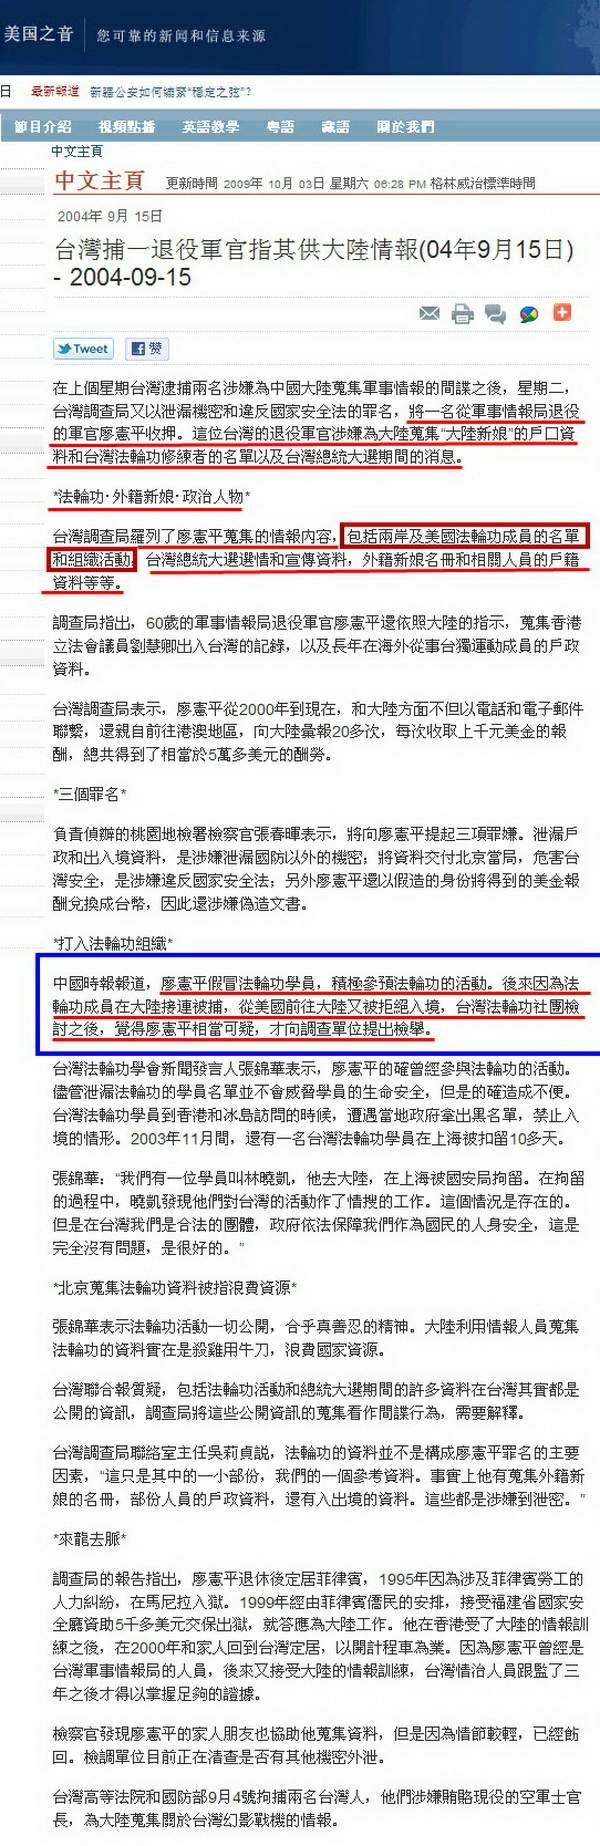 台灣捕一退役軍官指其供大陸情報-2004.09.15.jpg